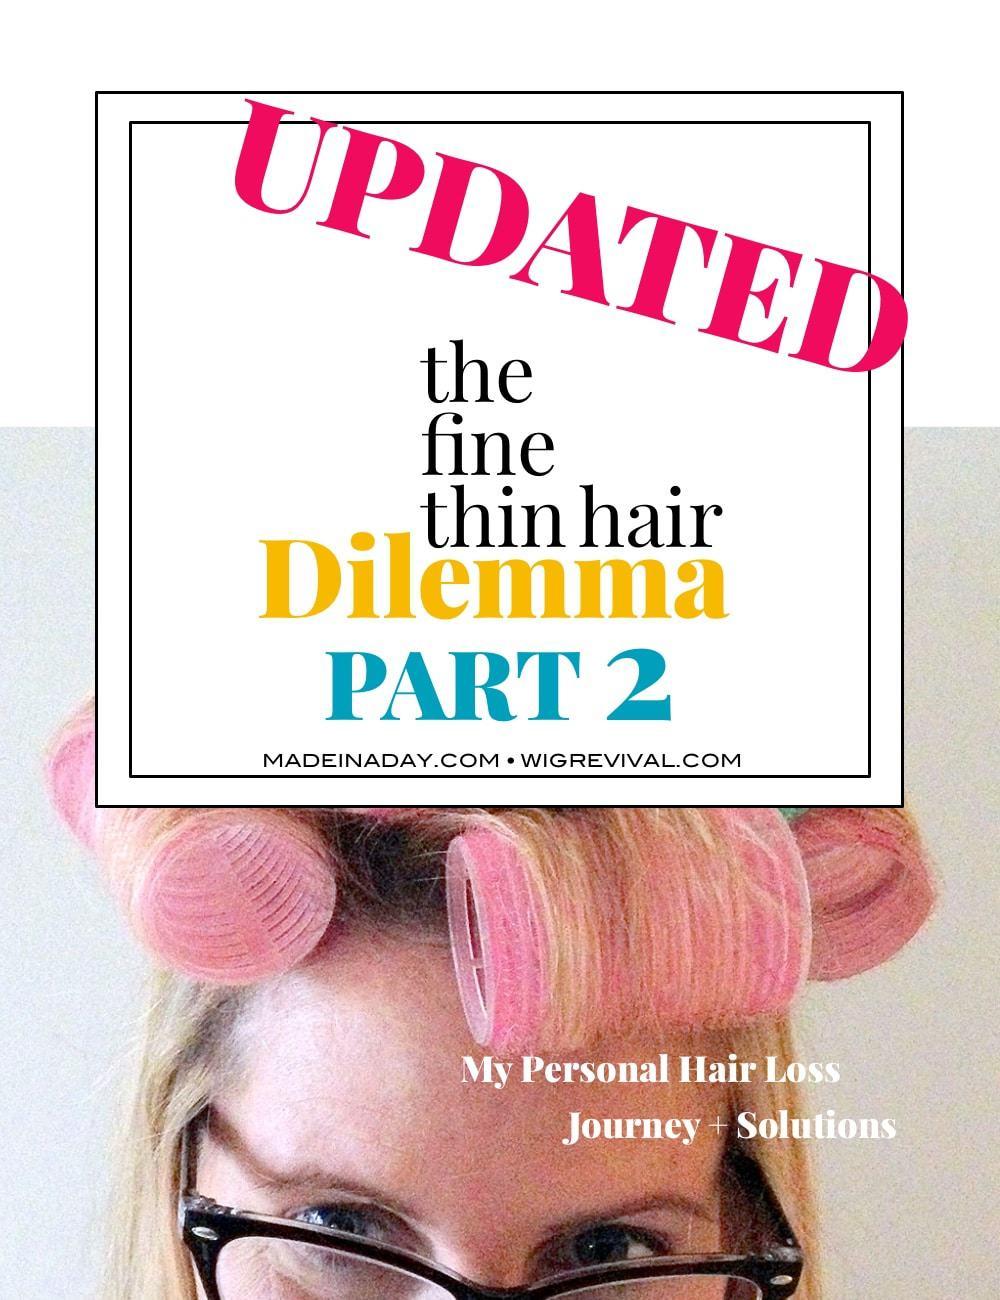 The Fine Thin Hair Dilemma Part 2